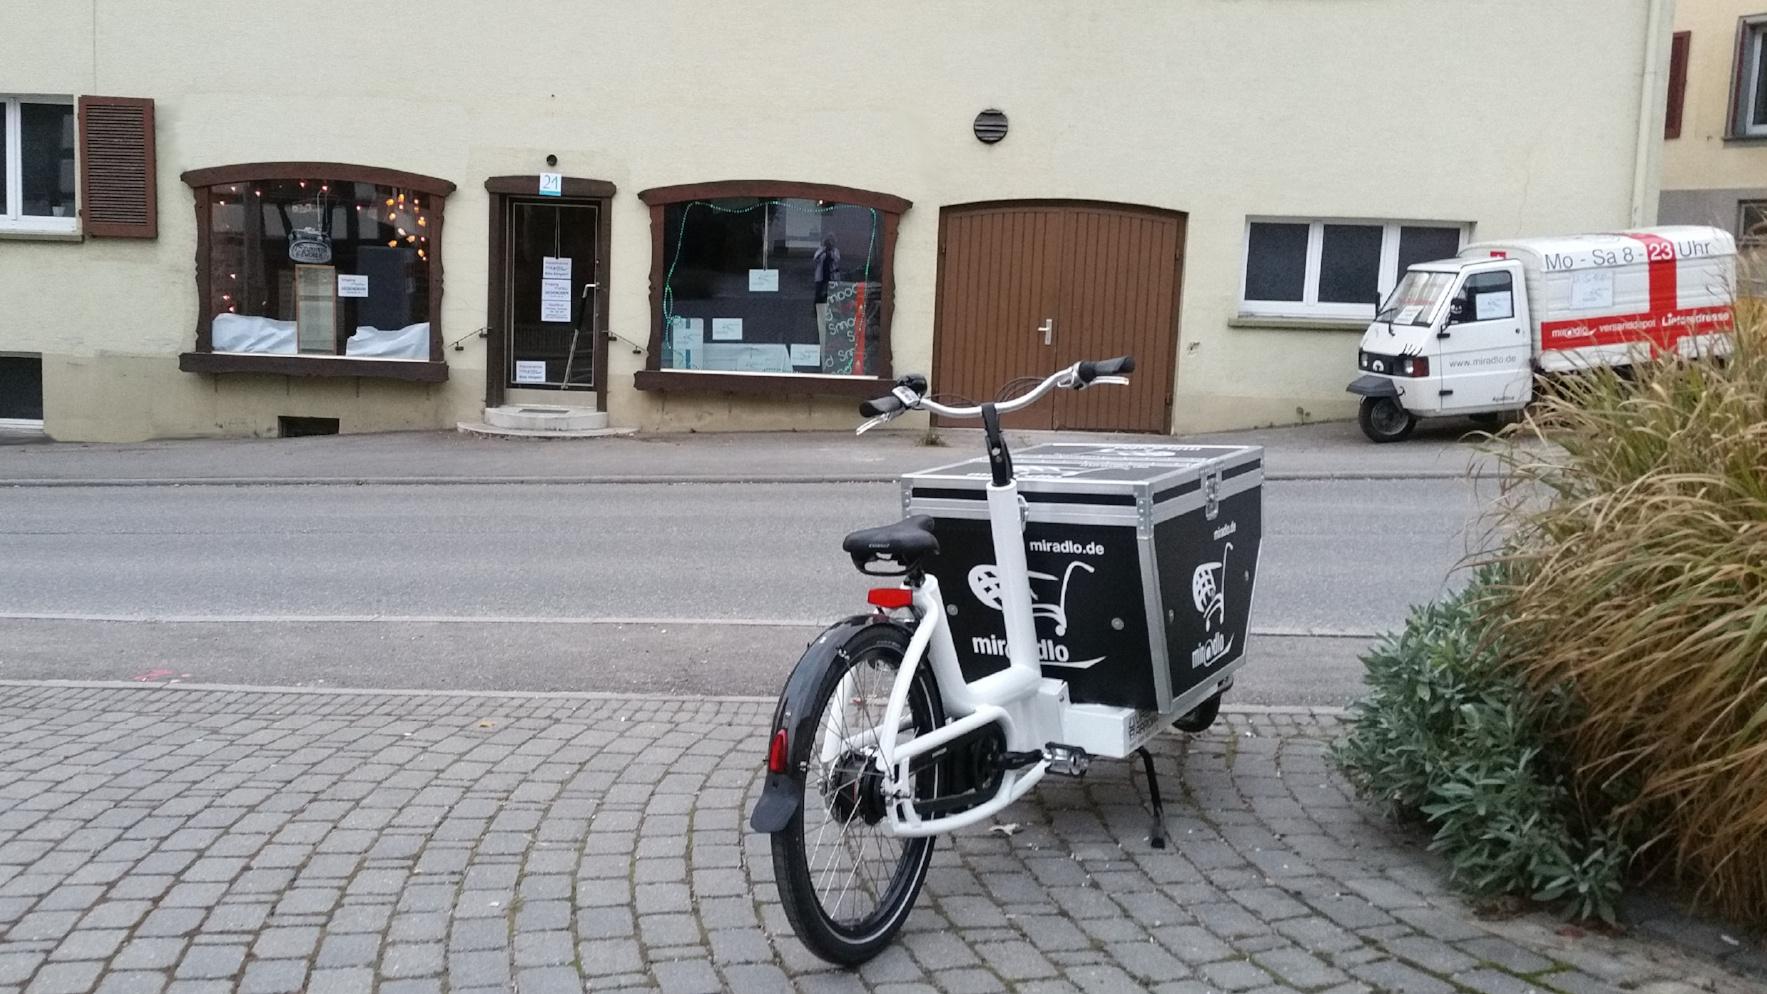 miradlo-Transportrad vor der Versanddepot-Filiale in Gottmadingen-Randegg